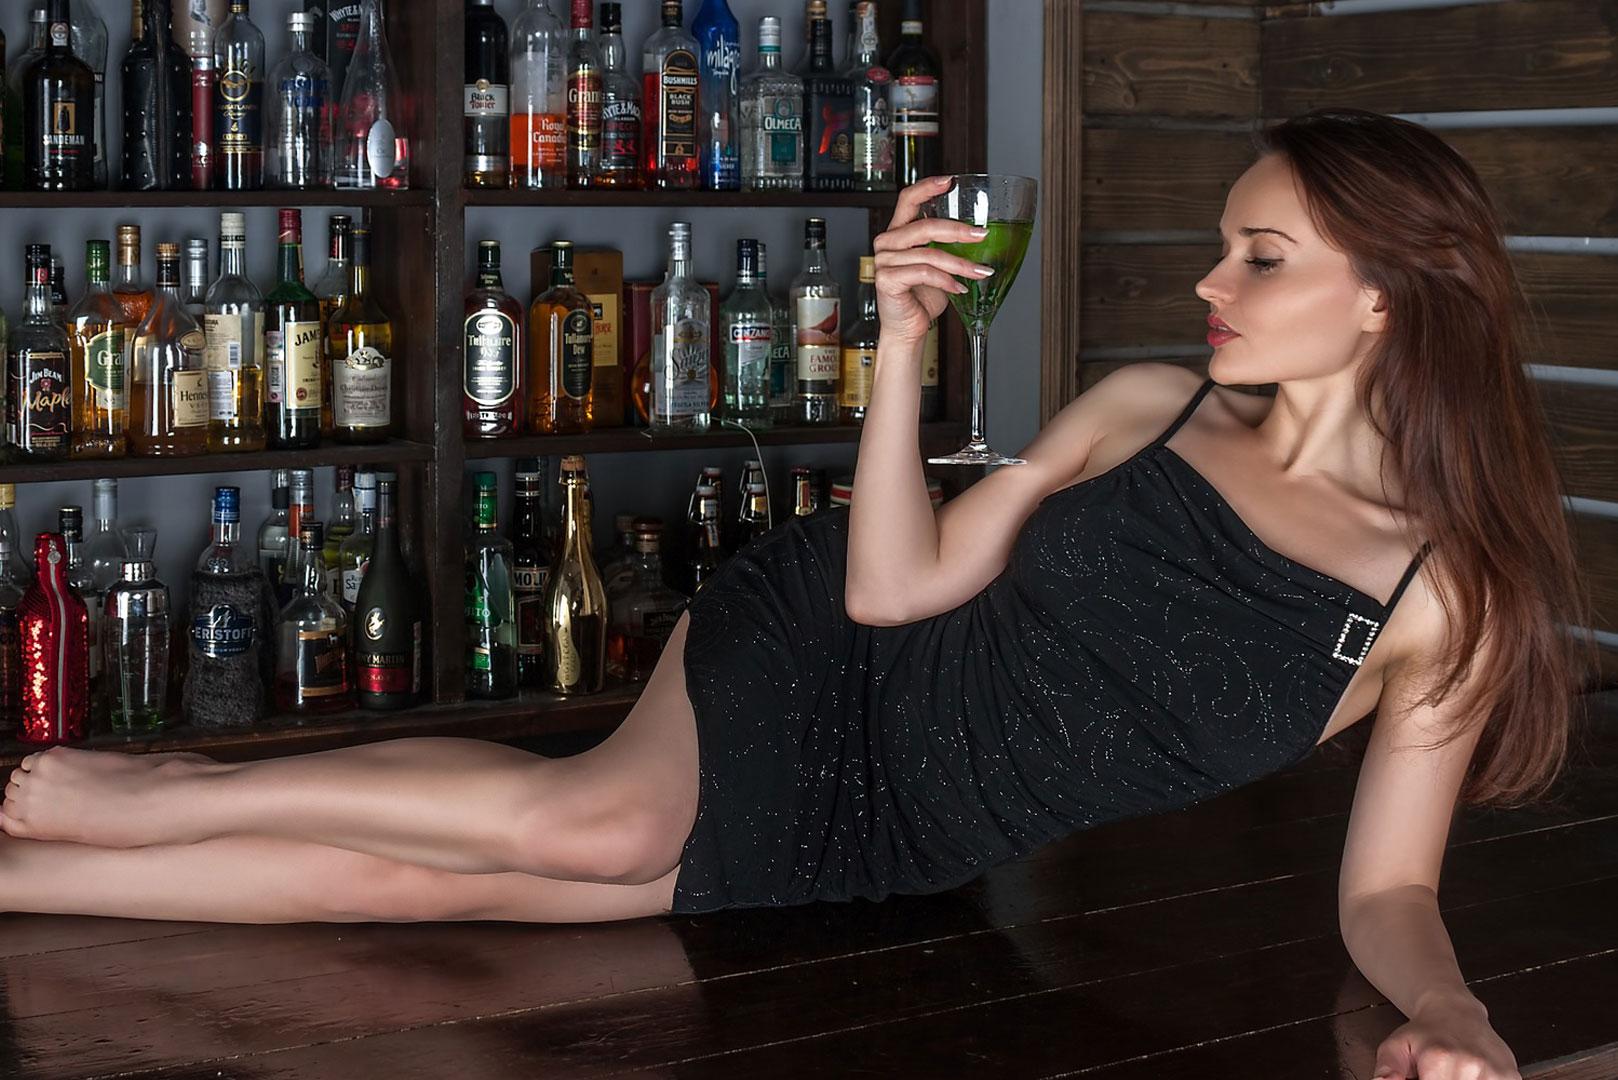 Une jeune femme allongée sur un bar